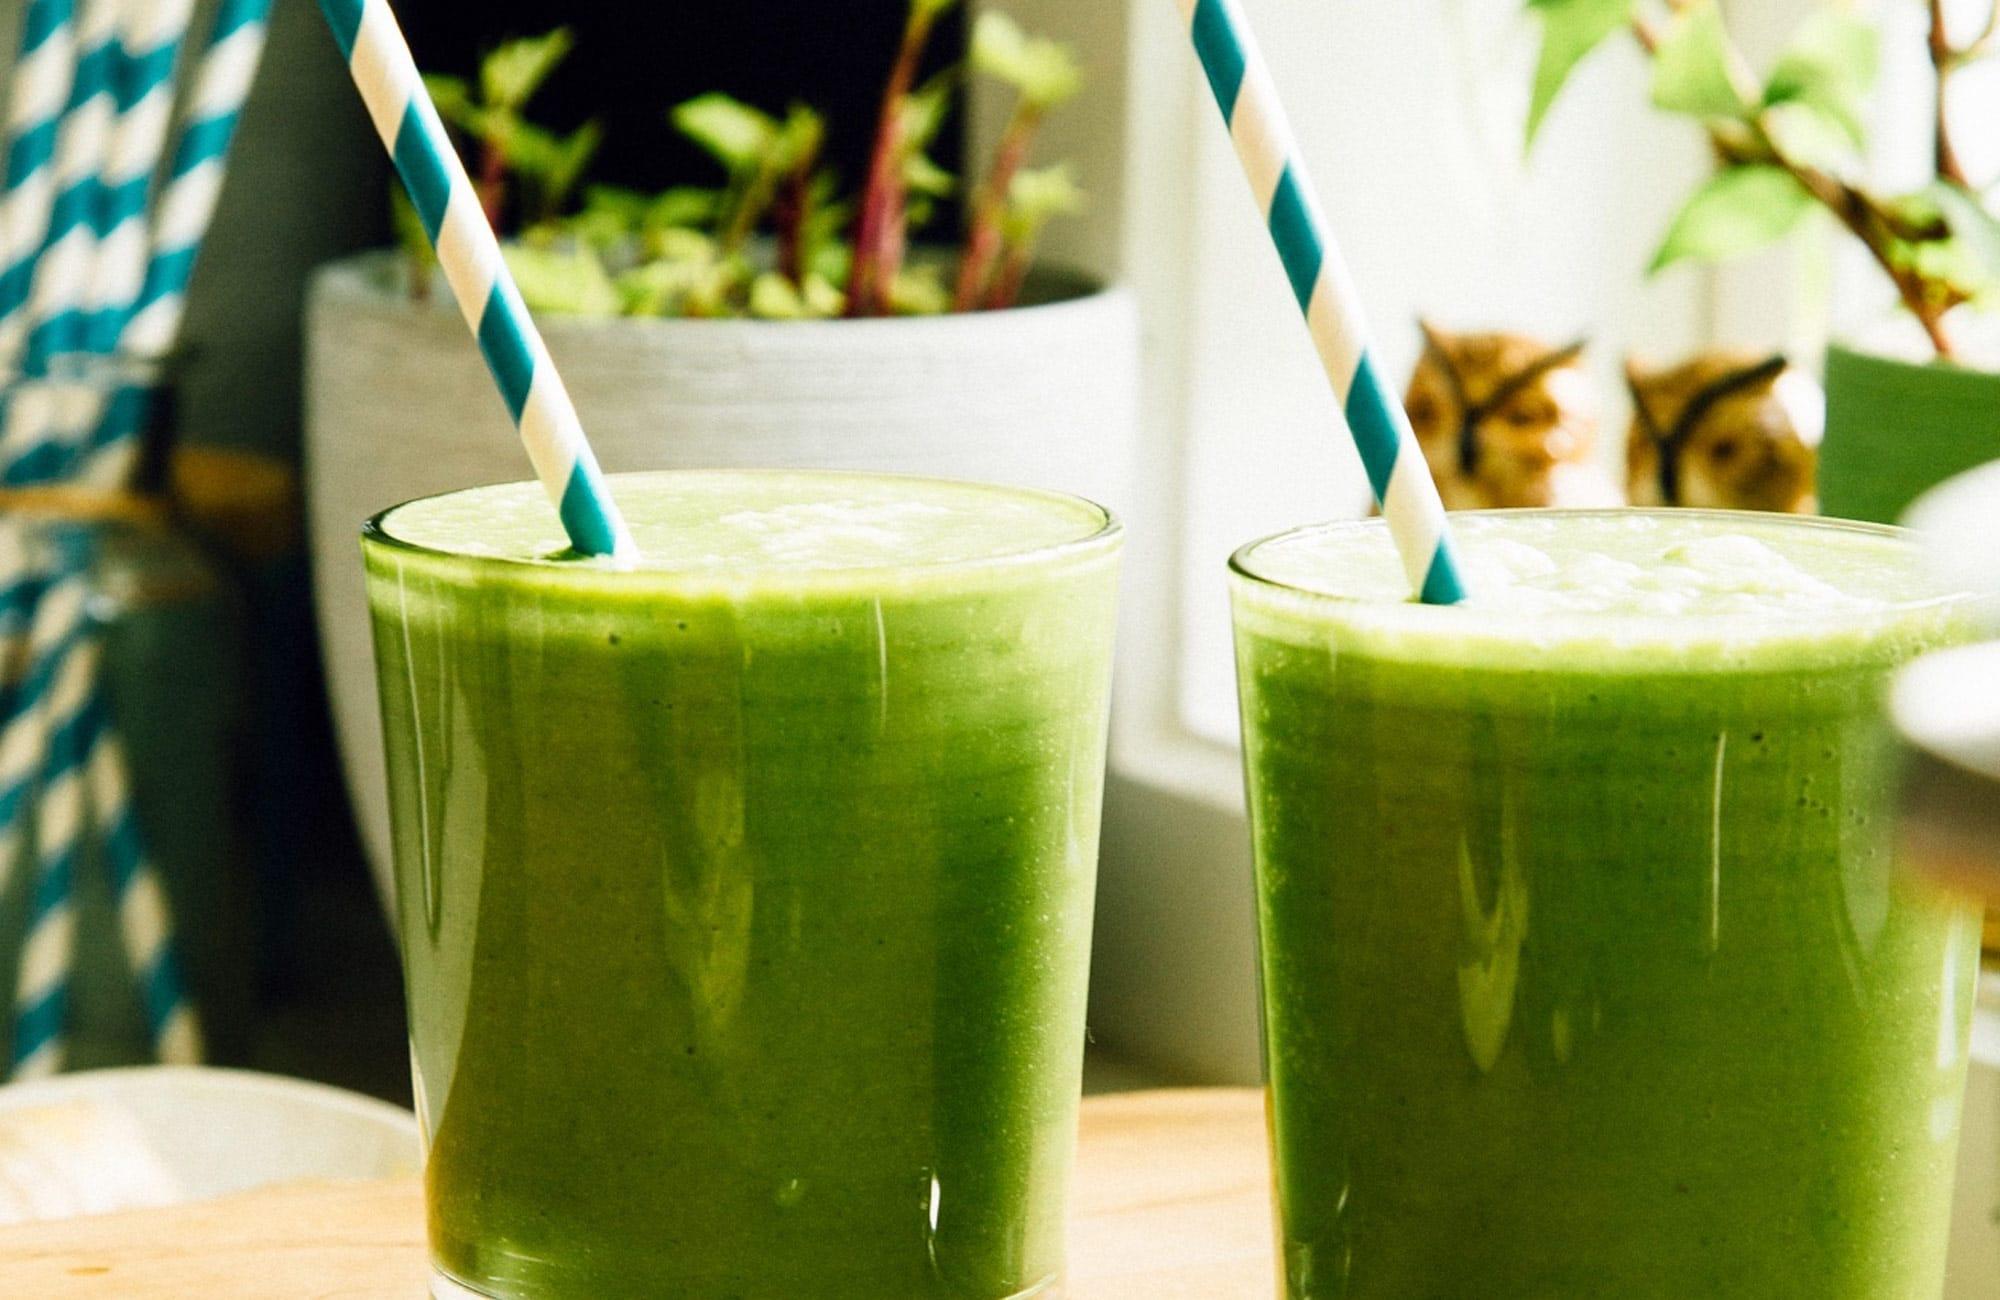 Pavasarinis žaliasis kokteilis